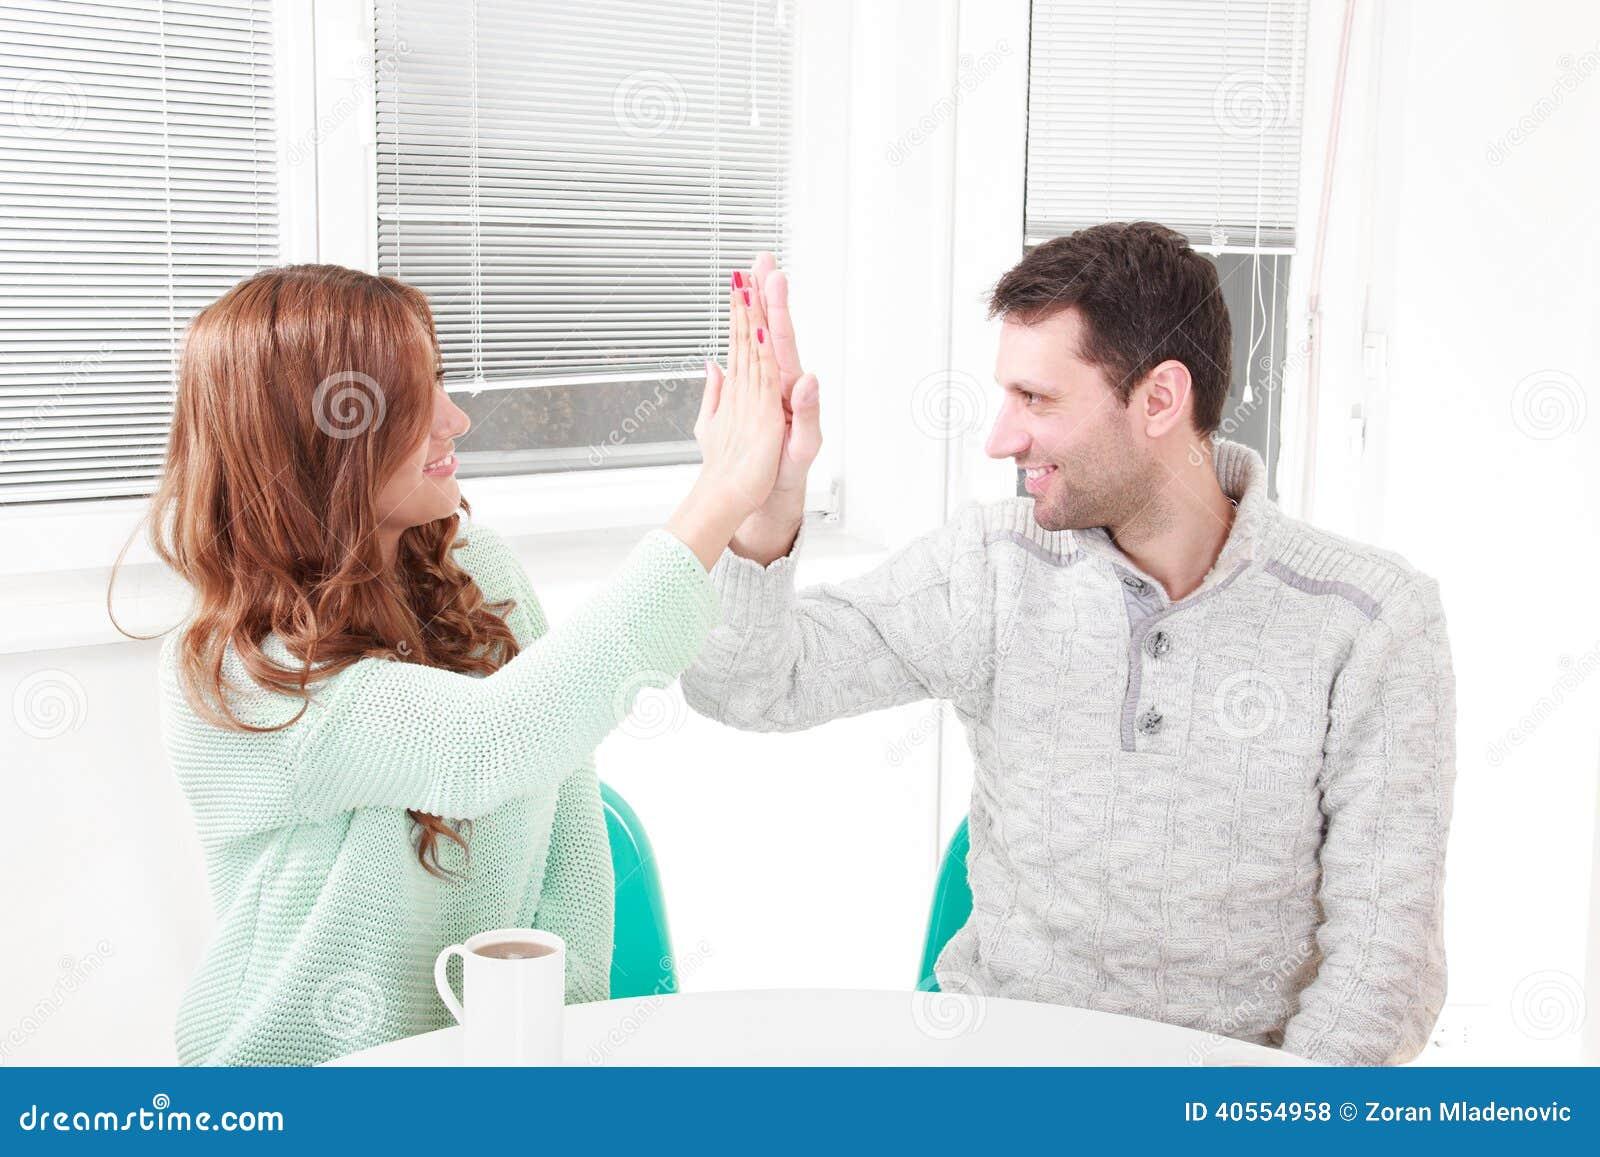 Glückliches Paar ist mit der Vereinbarung einverstanden